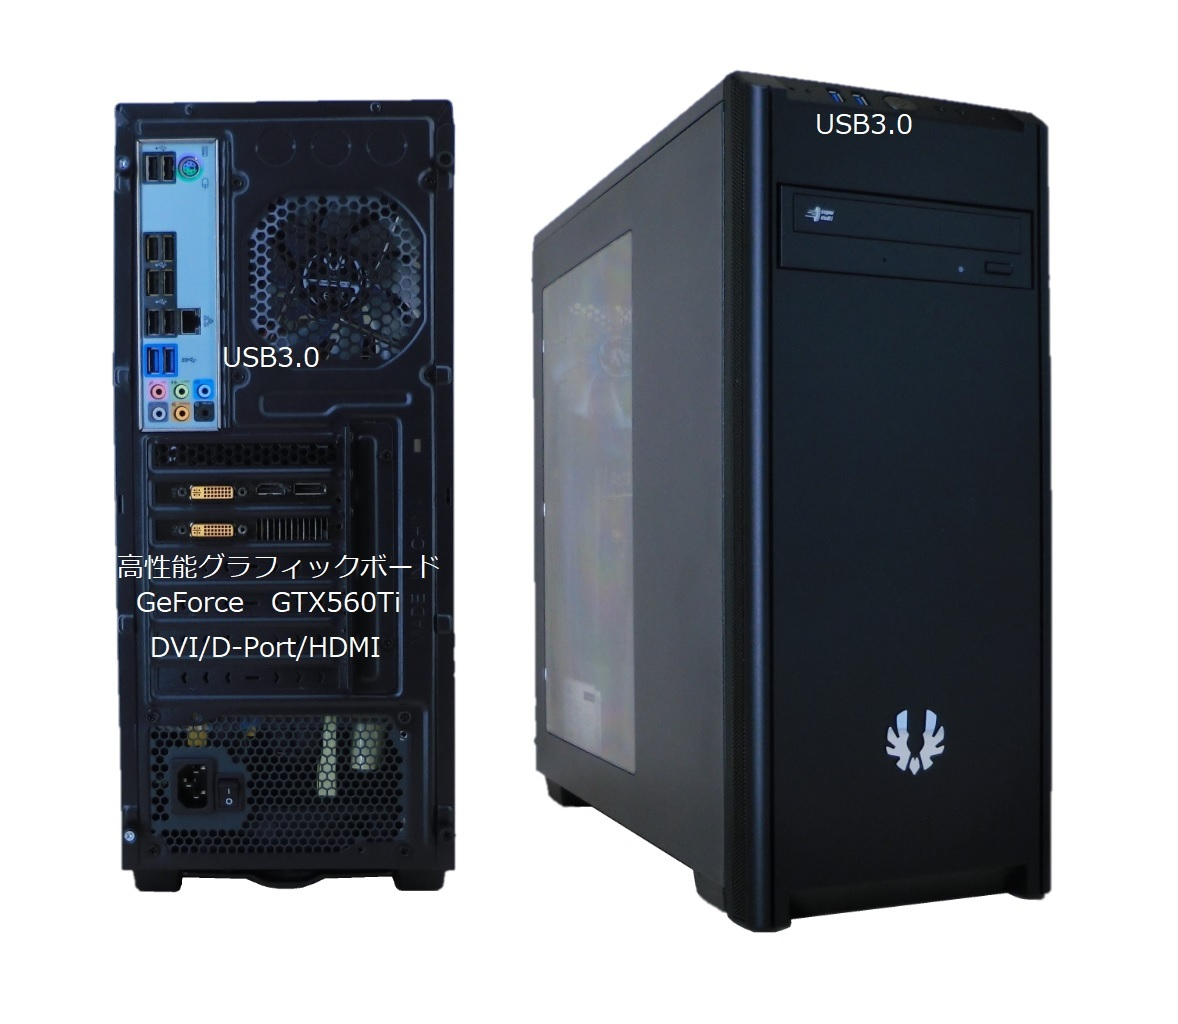 新品ケース!! i7-2600 Office2019 win10 SSD320GB HDD 1TB !!!美品!!!_画像2